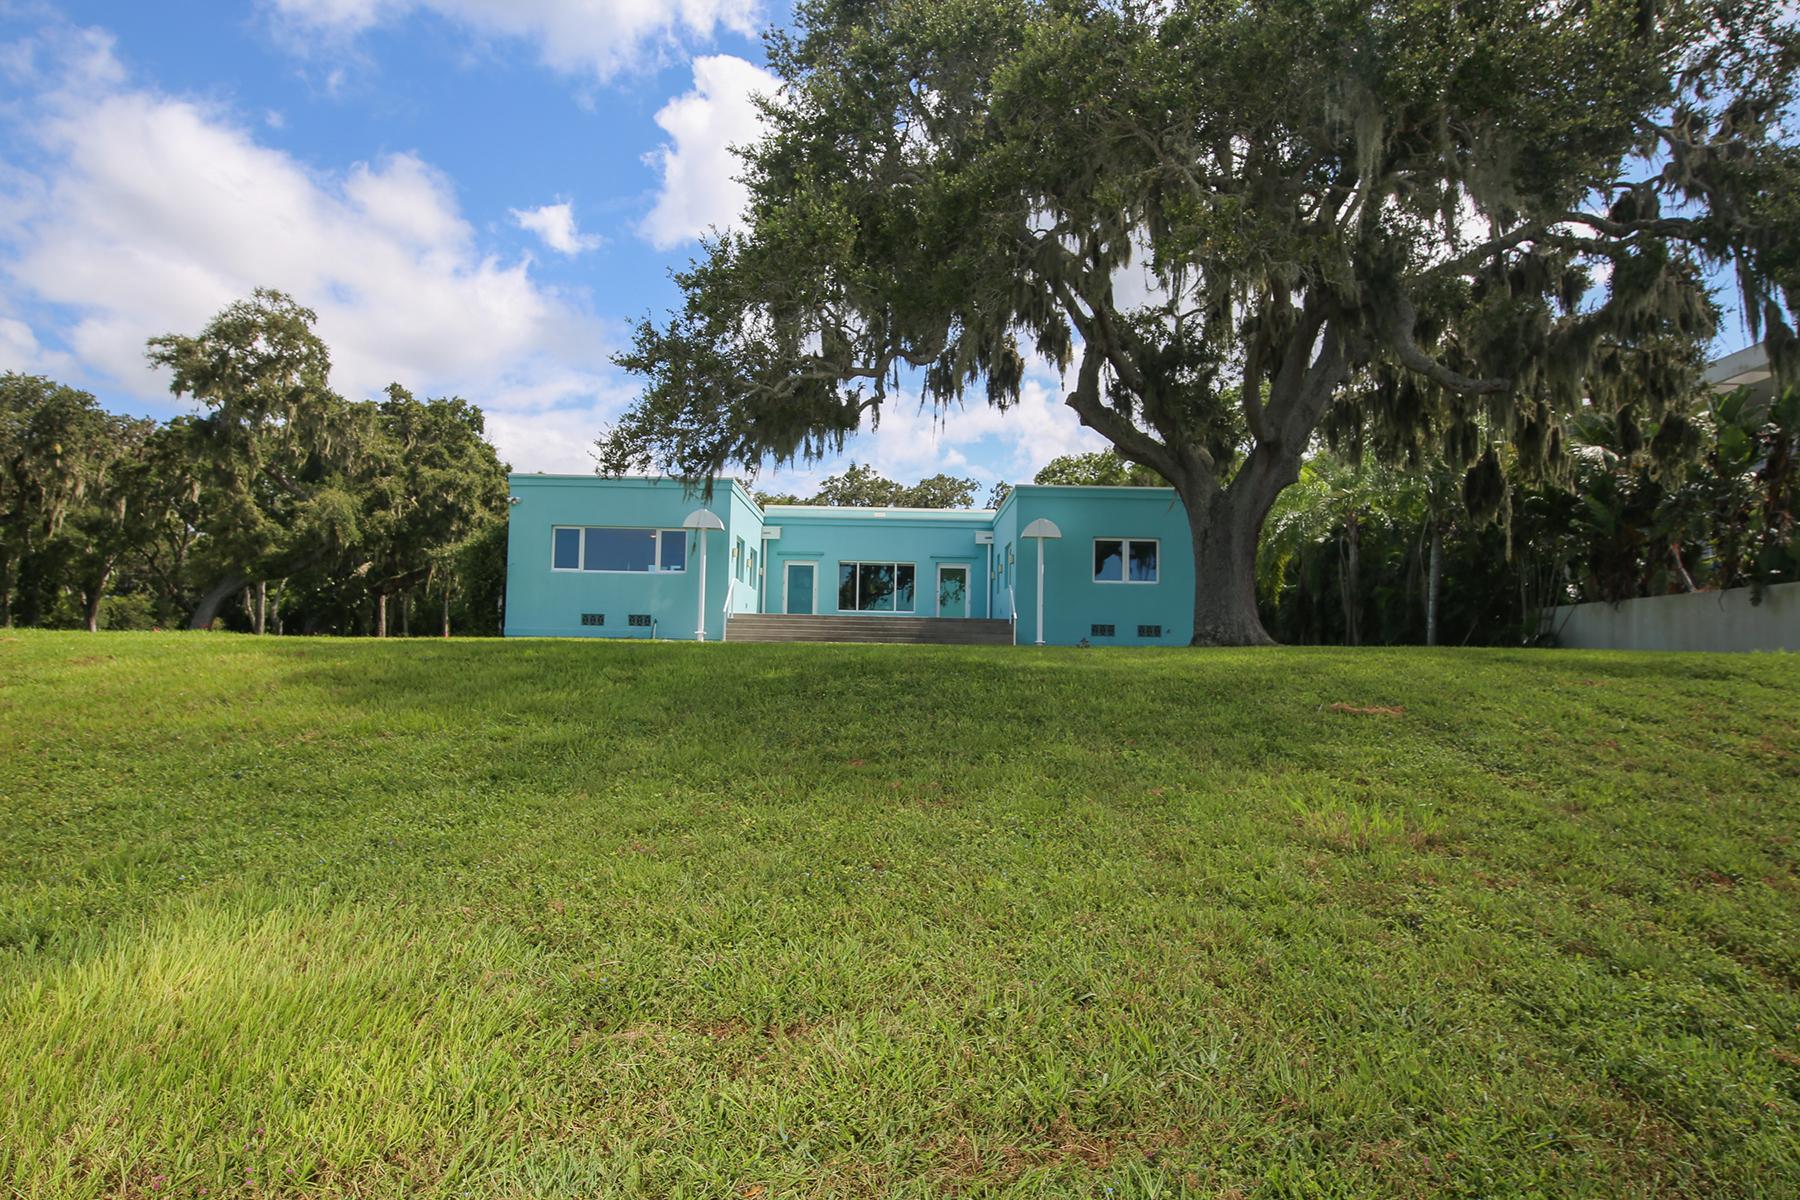 Maison unifamiliale pour l Vente à SARASOTA BAY PARK 916 Indian Beach Dr Sarasota, Florida, 34234 États-Unis